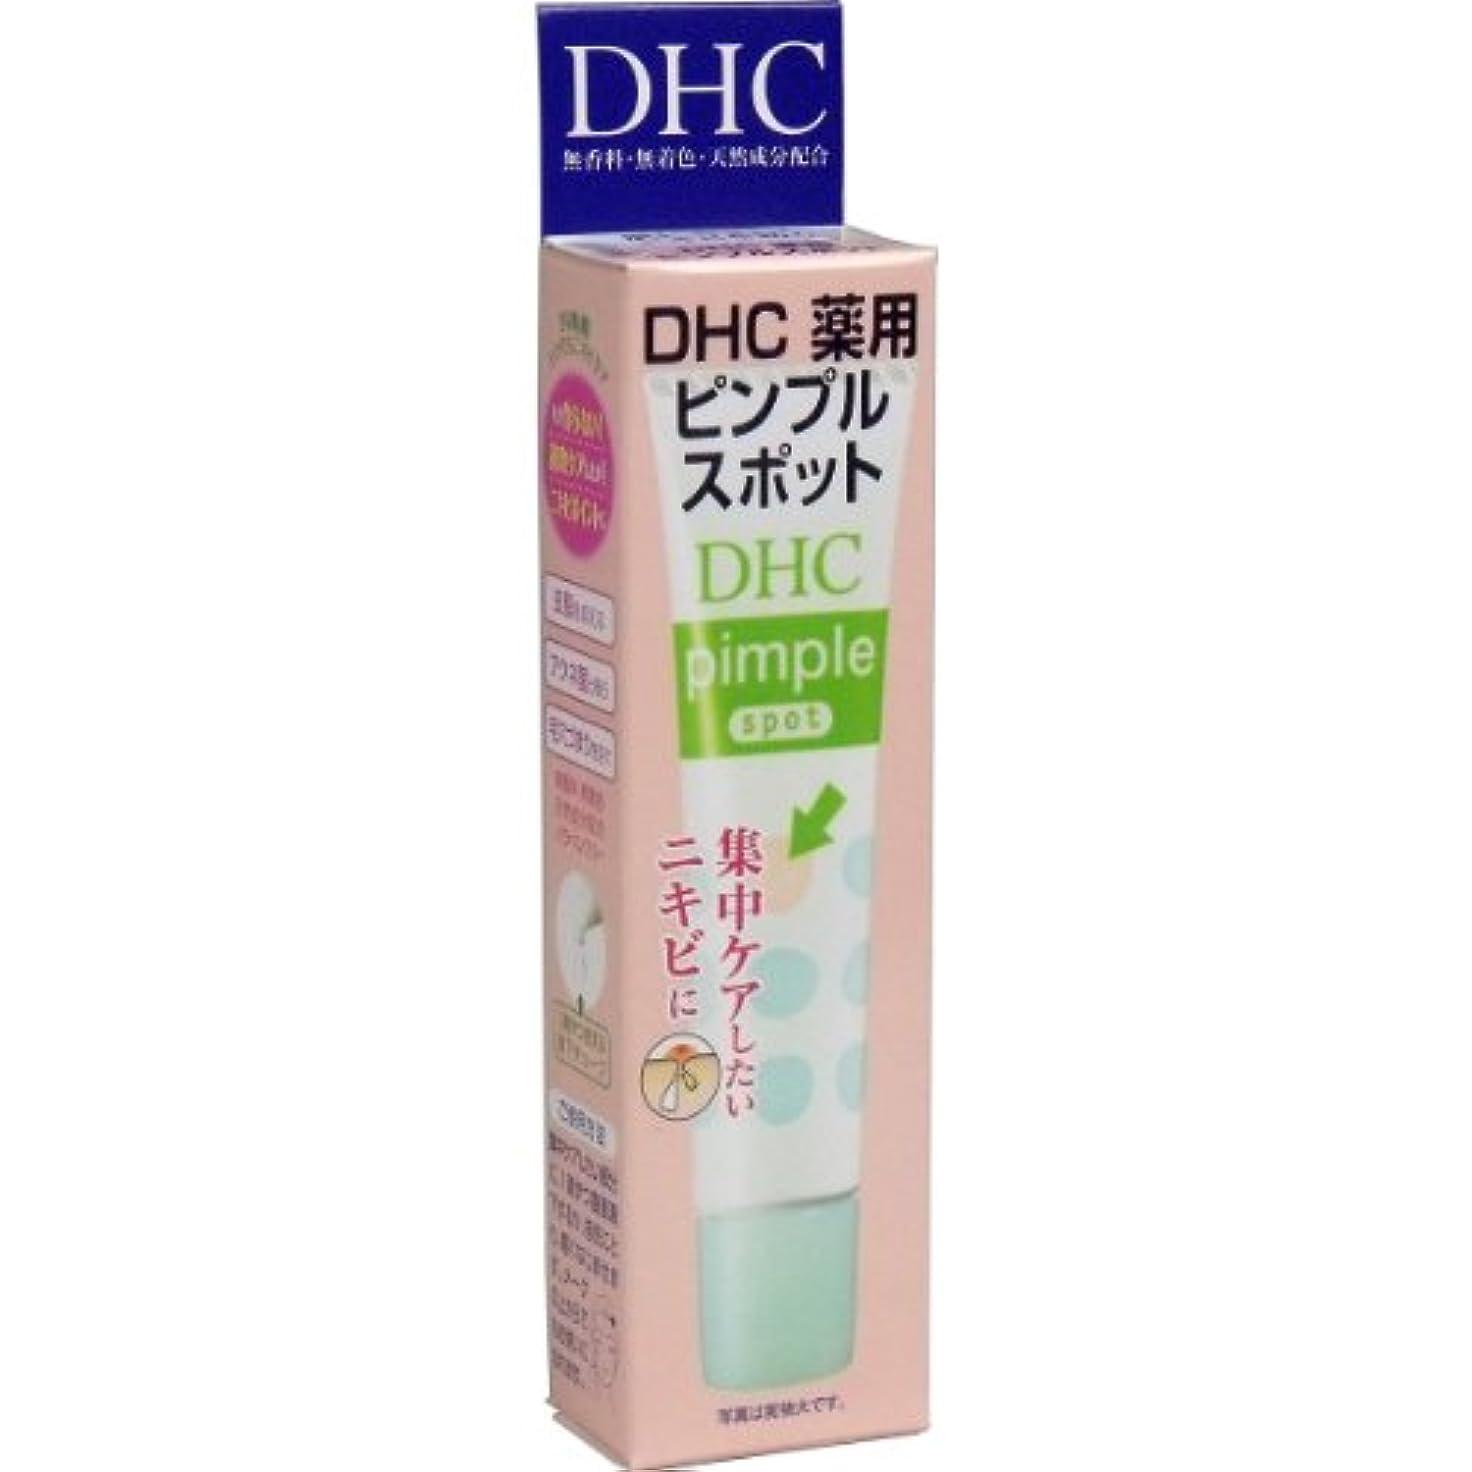 マイナス賭け剪断DHC 薬用ピンプルスポット15ml